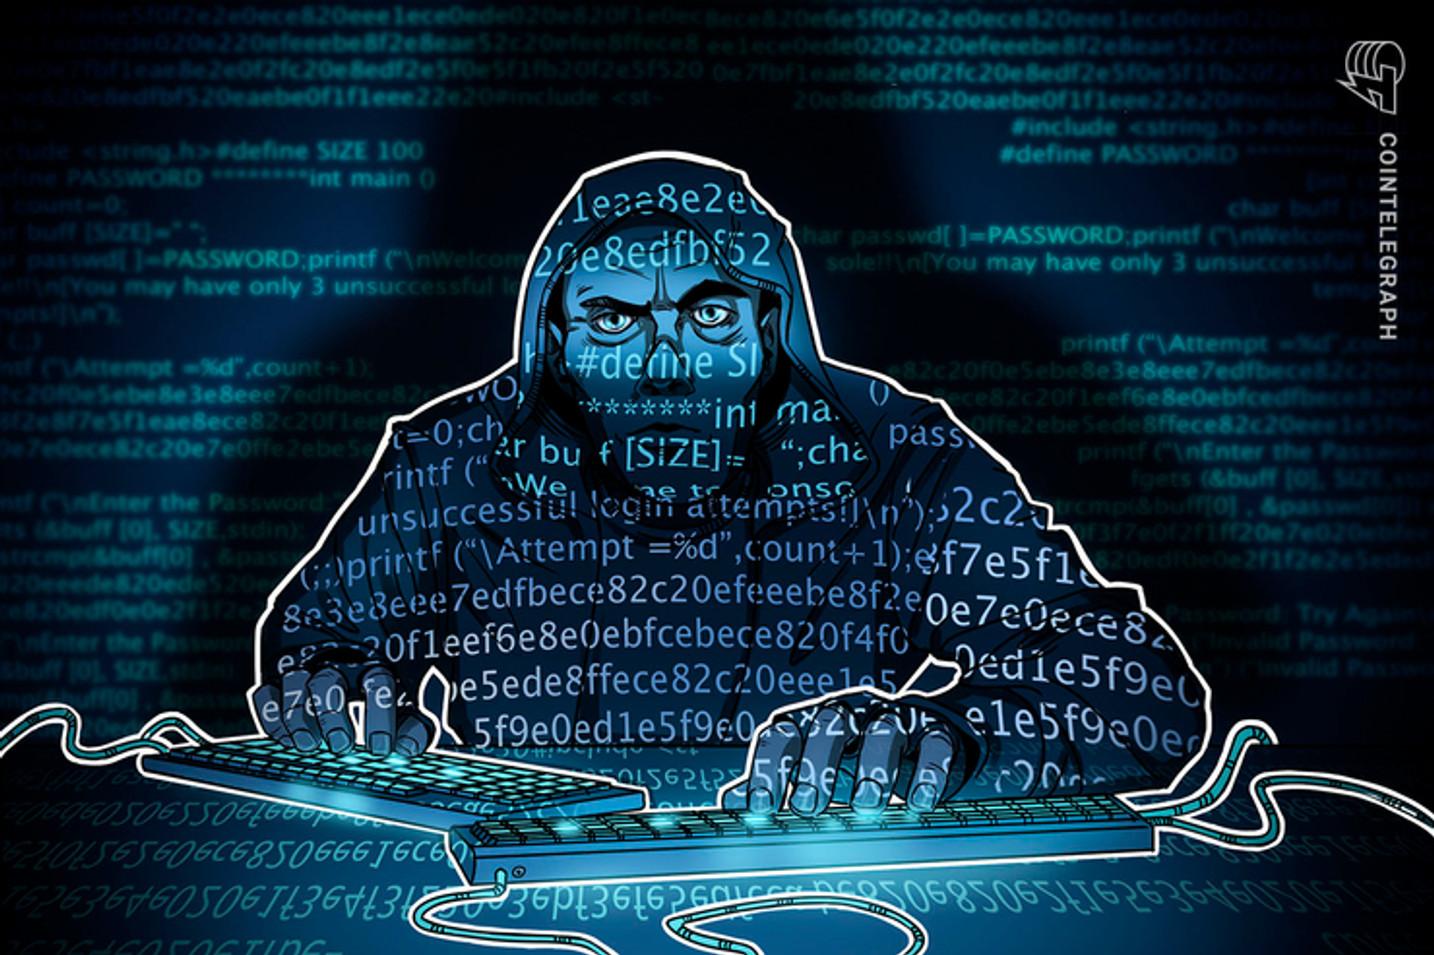 Especialistas pedem para não pagar Bitcoin por arquivo hackeado